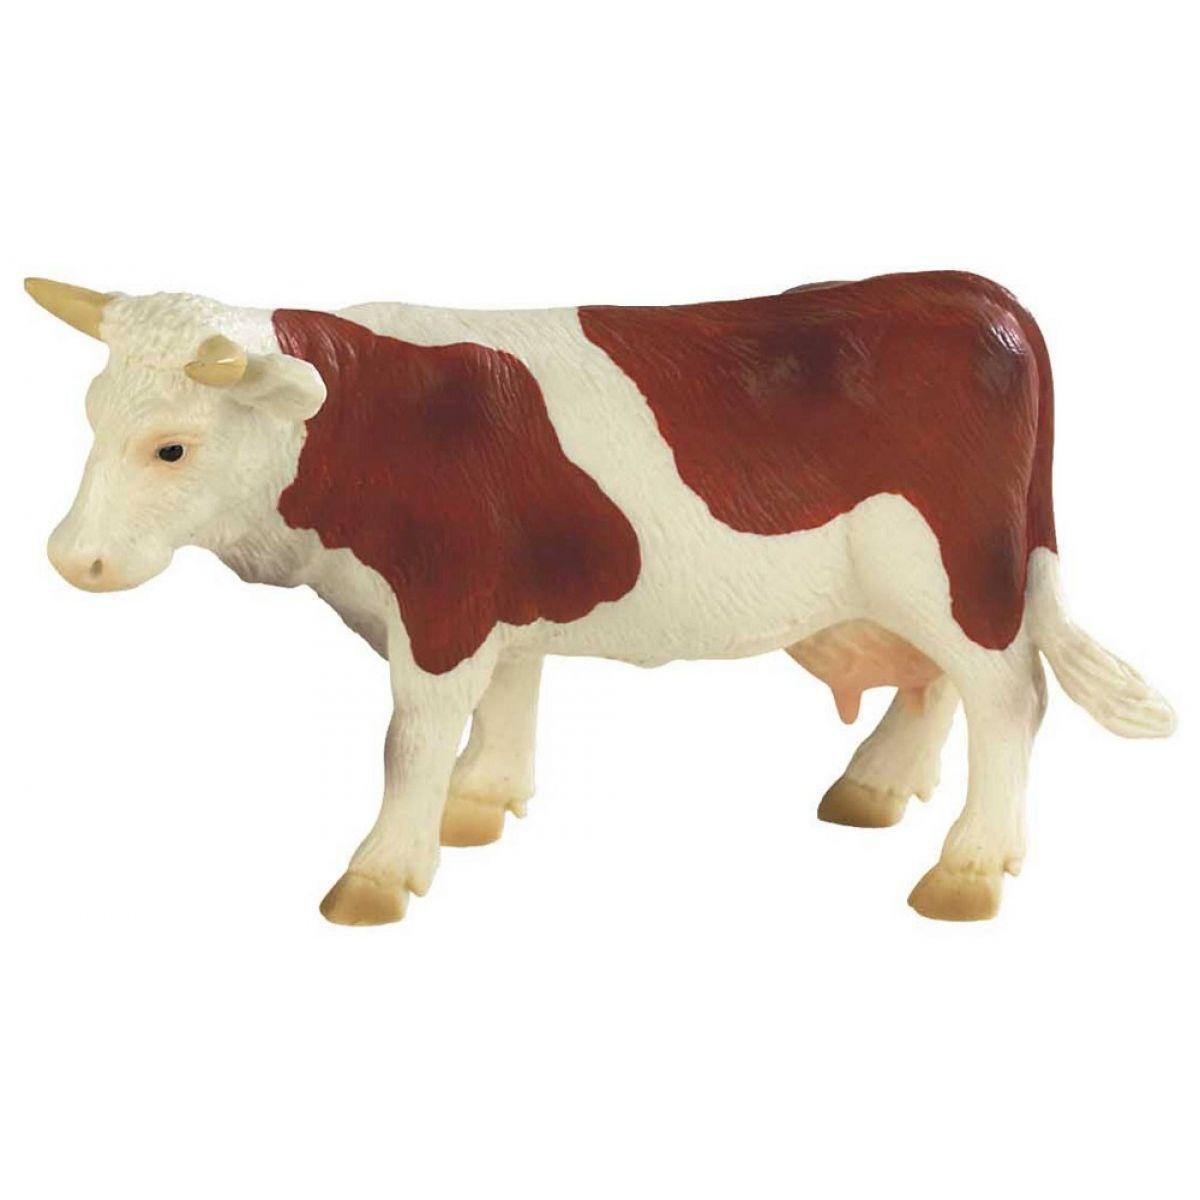 Bullyland Kráva Fanny hnědo-bílá